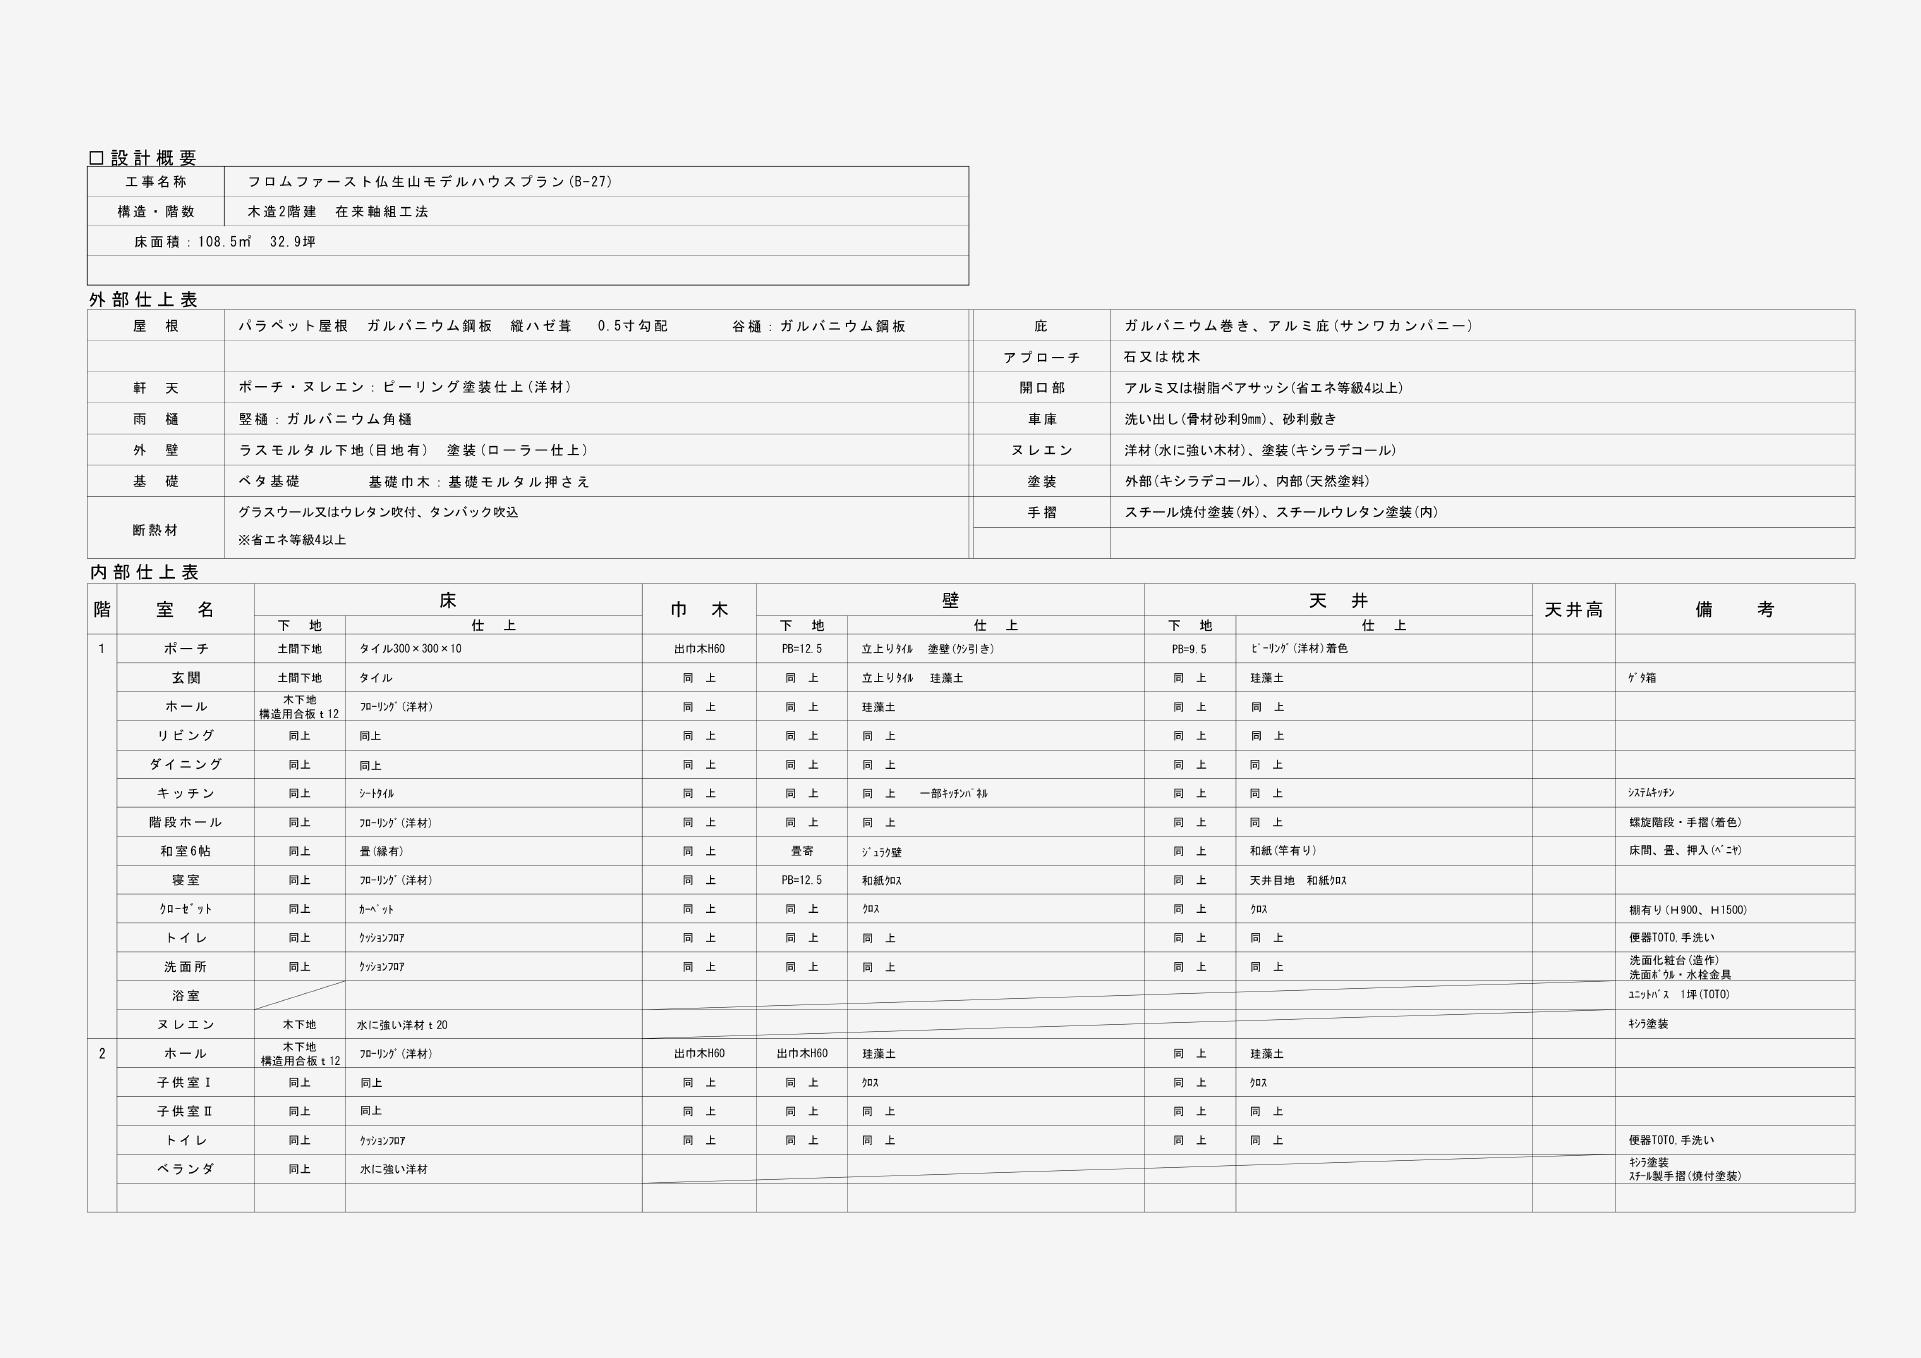 5_027yoshida_photo1